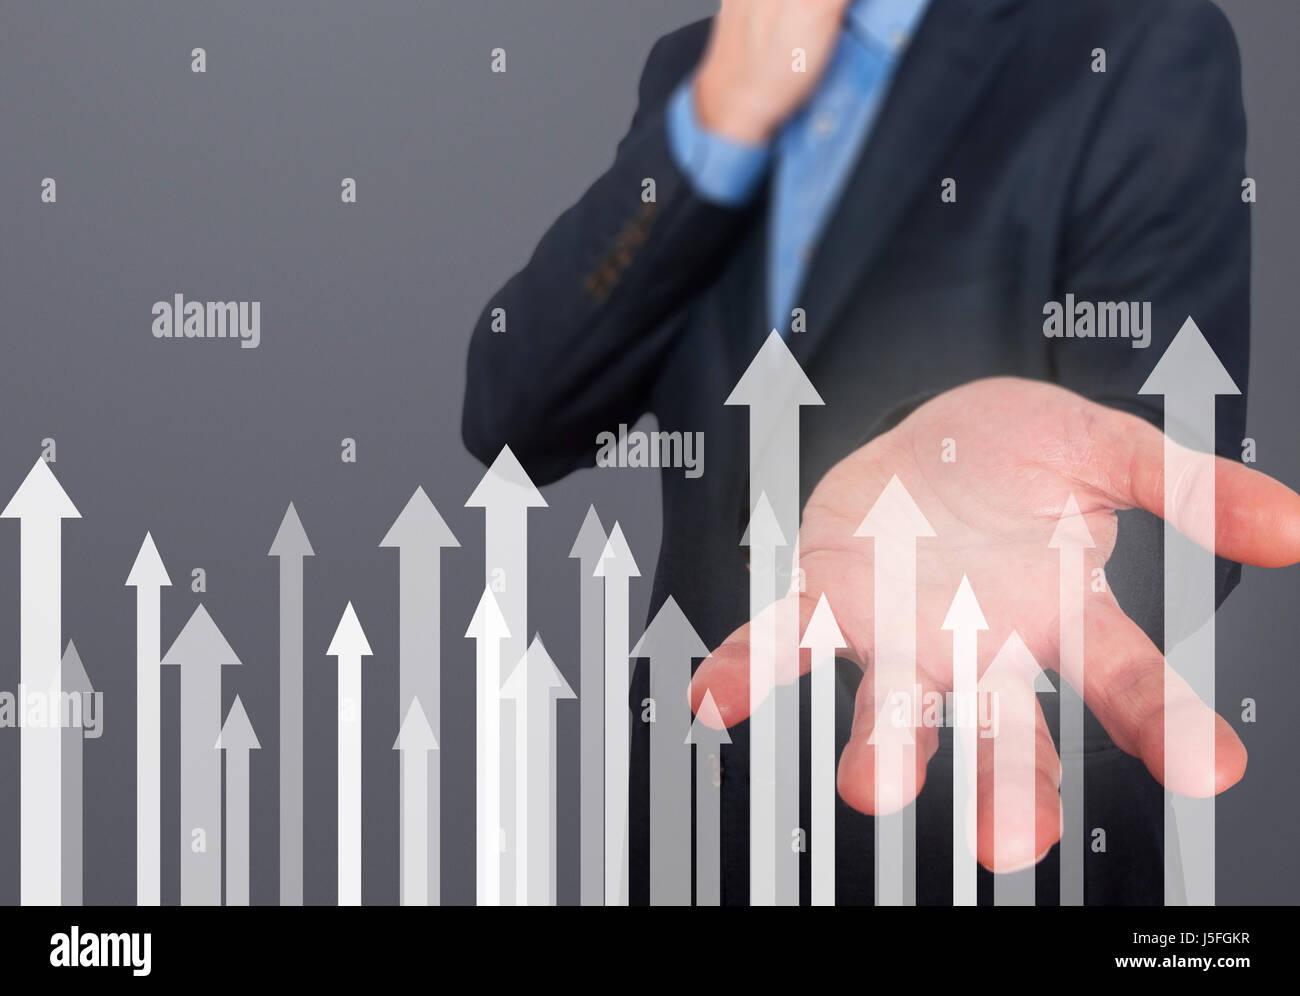 Geschäftsmann mit finanzielle Symbole kommen. Wirtschaft, Wachstum, Anlagekonzept. Mann Hand zeigen Pfeile. Stockbild